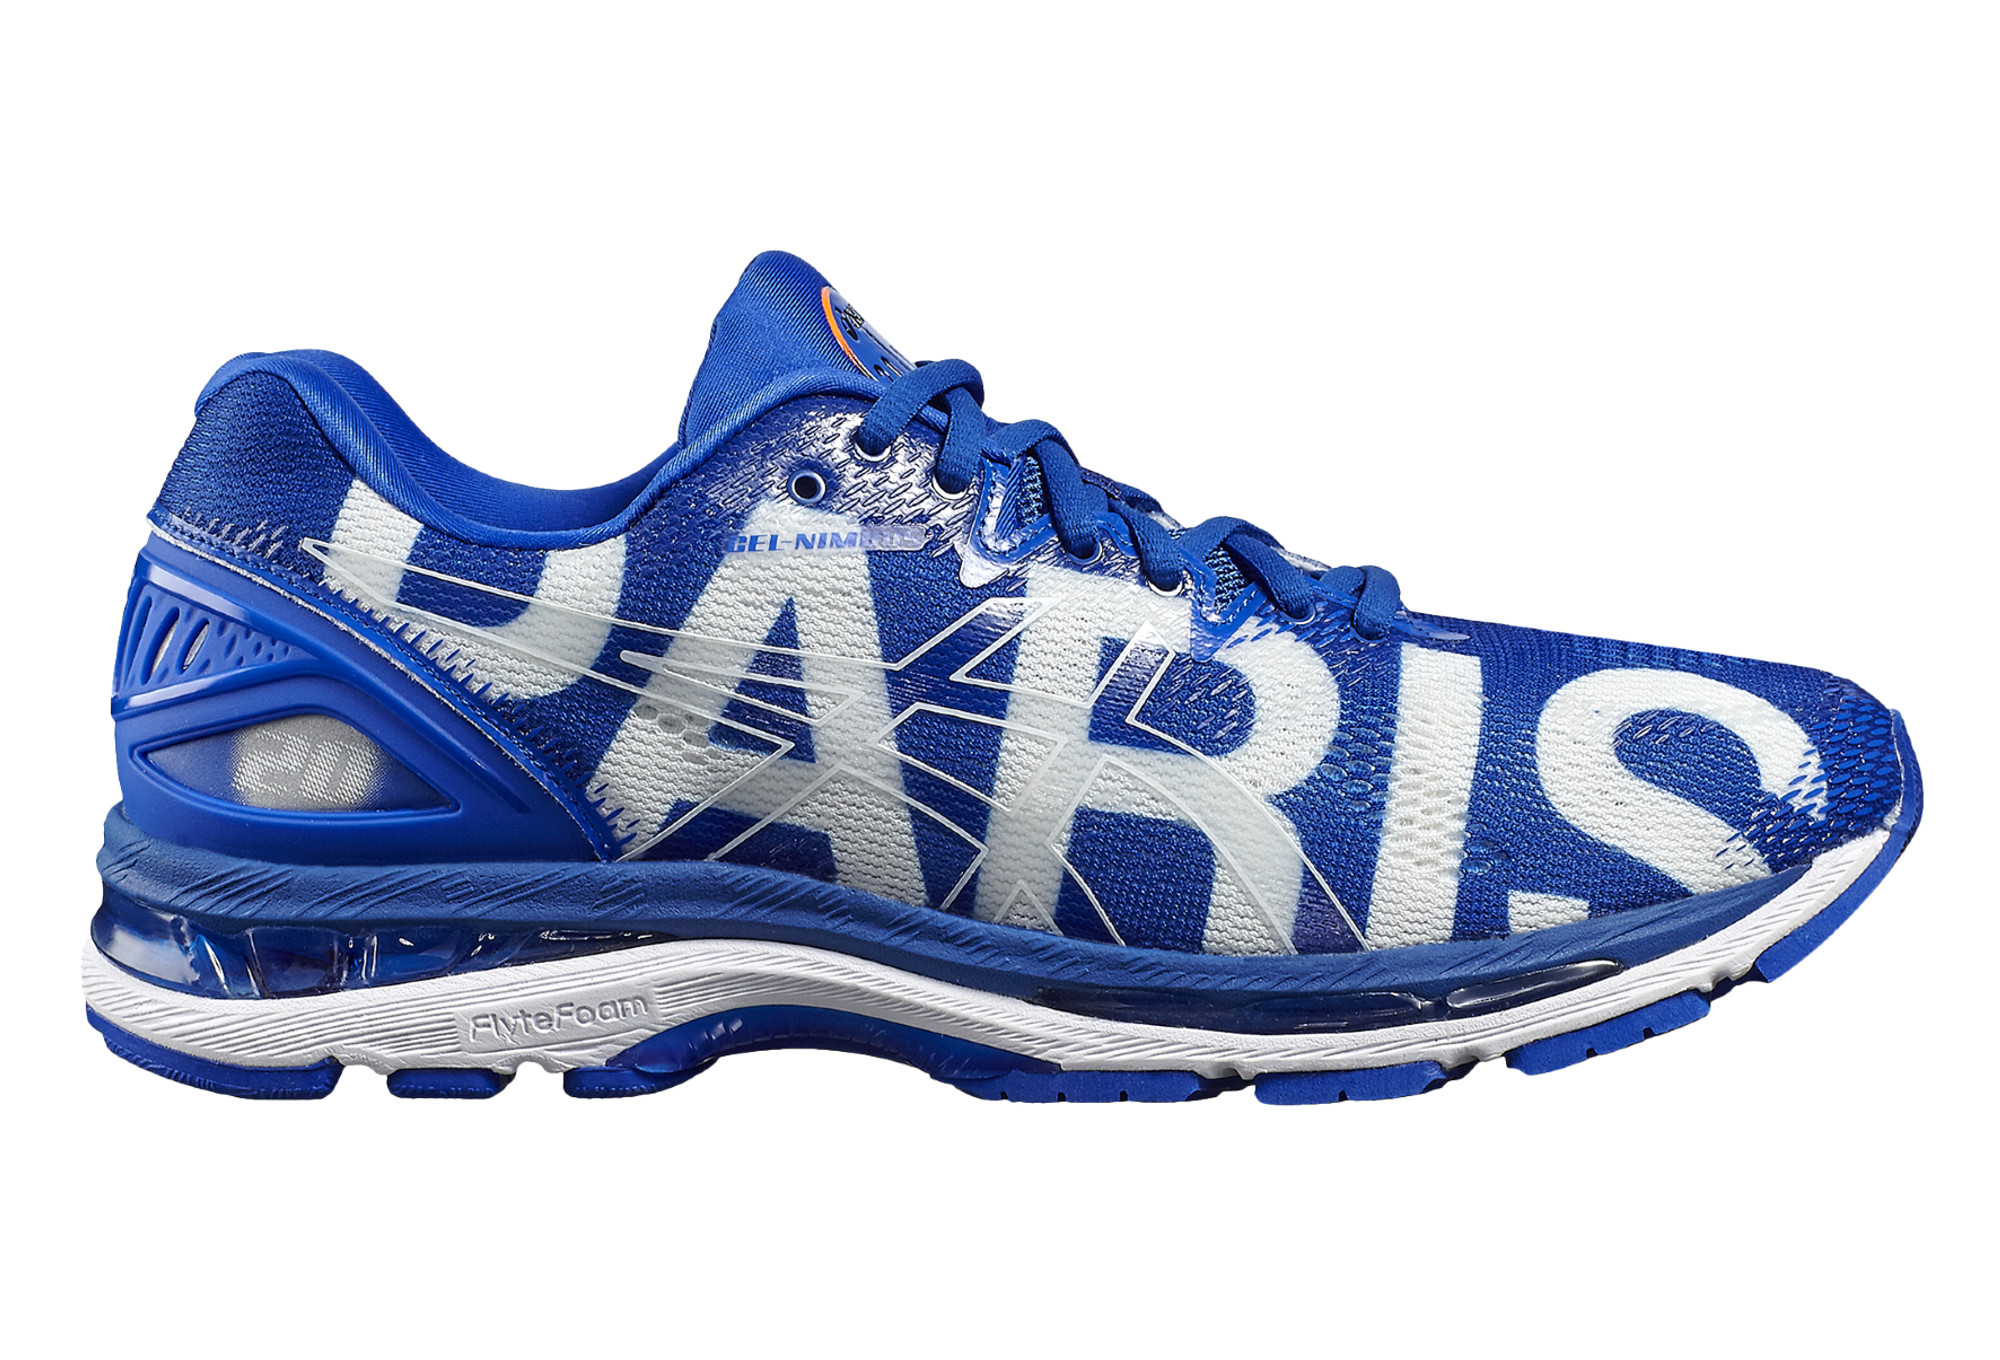 Nimbus De Chaussures Asics Paris Running Marathon Gel 20 7qT6wq